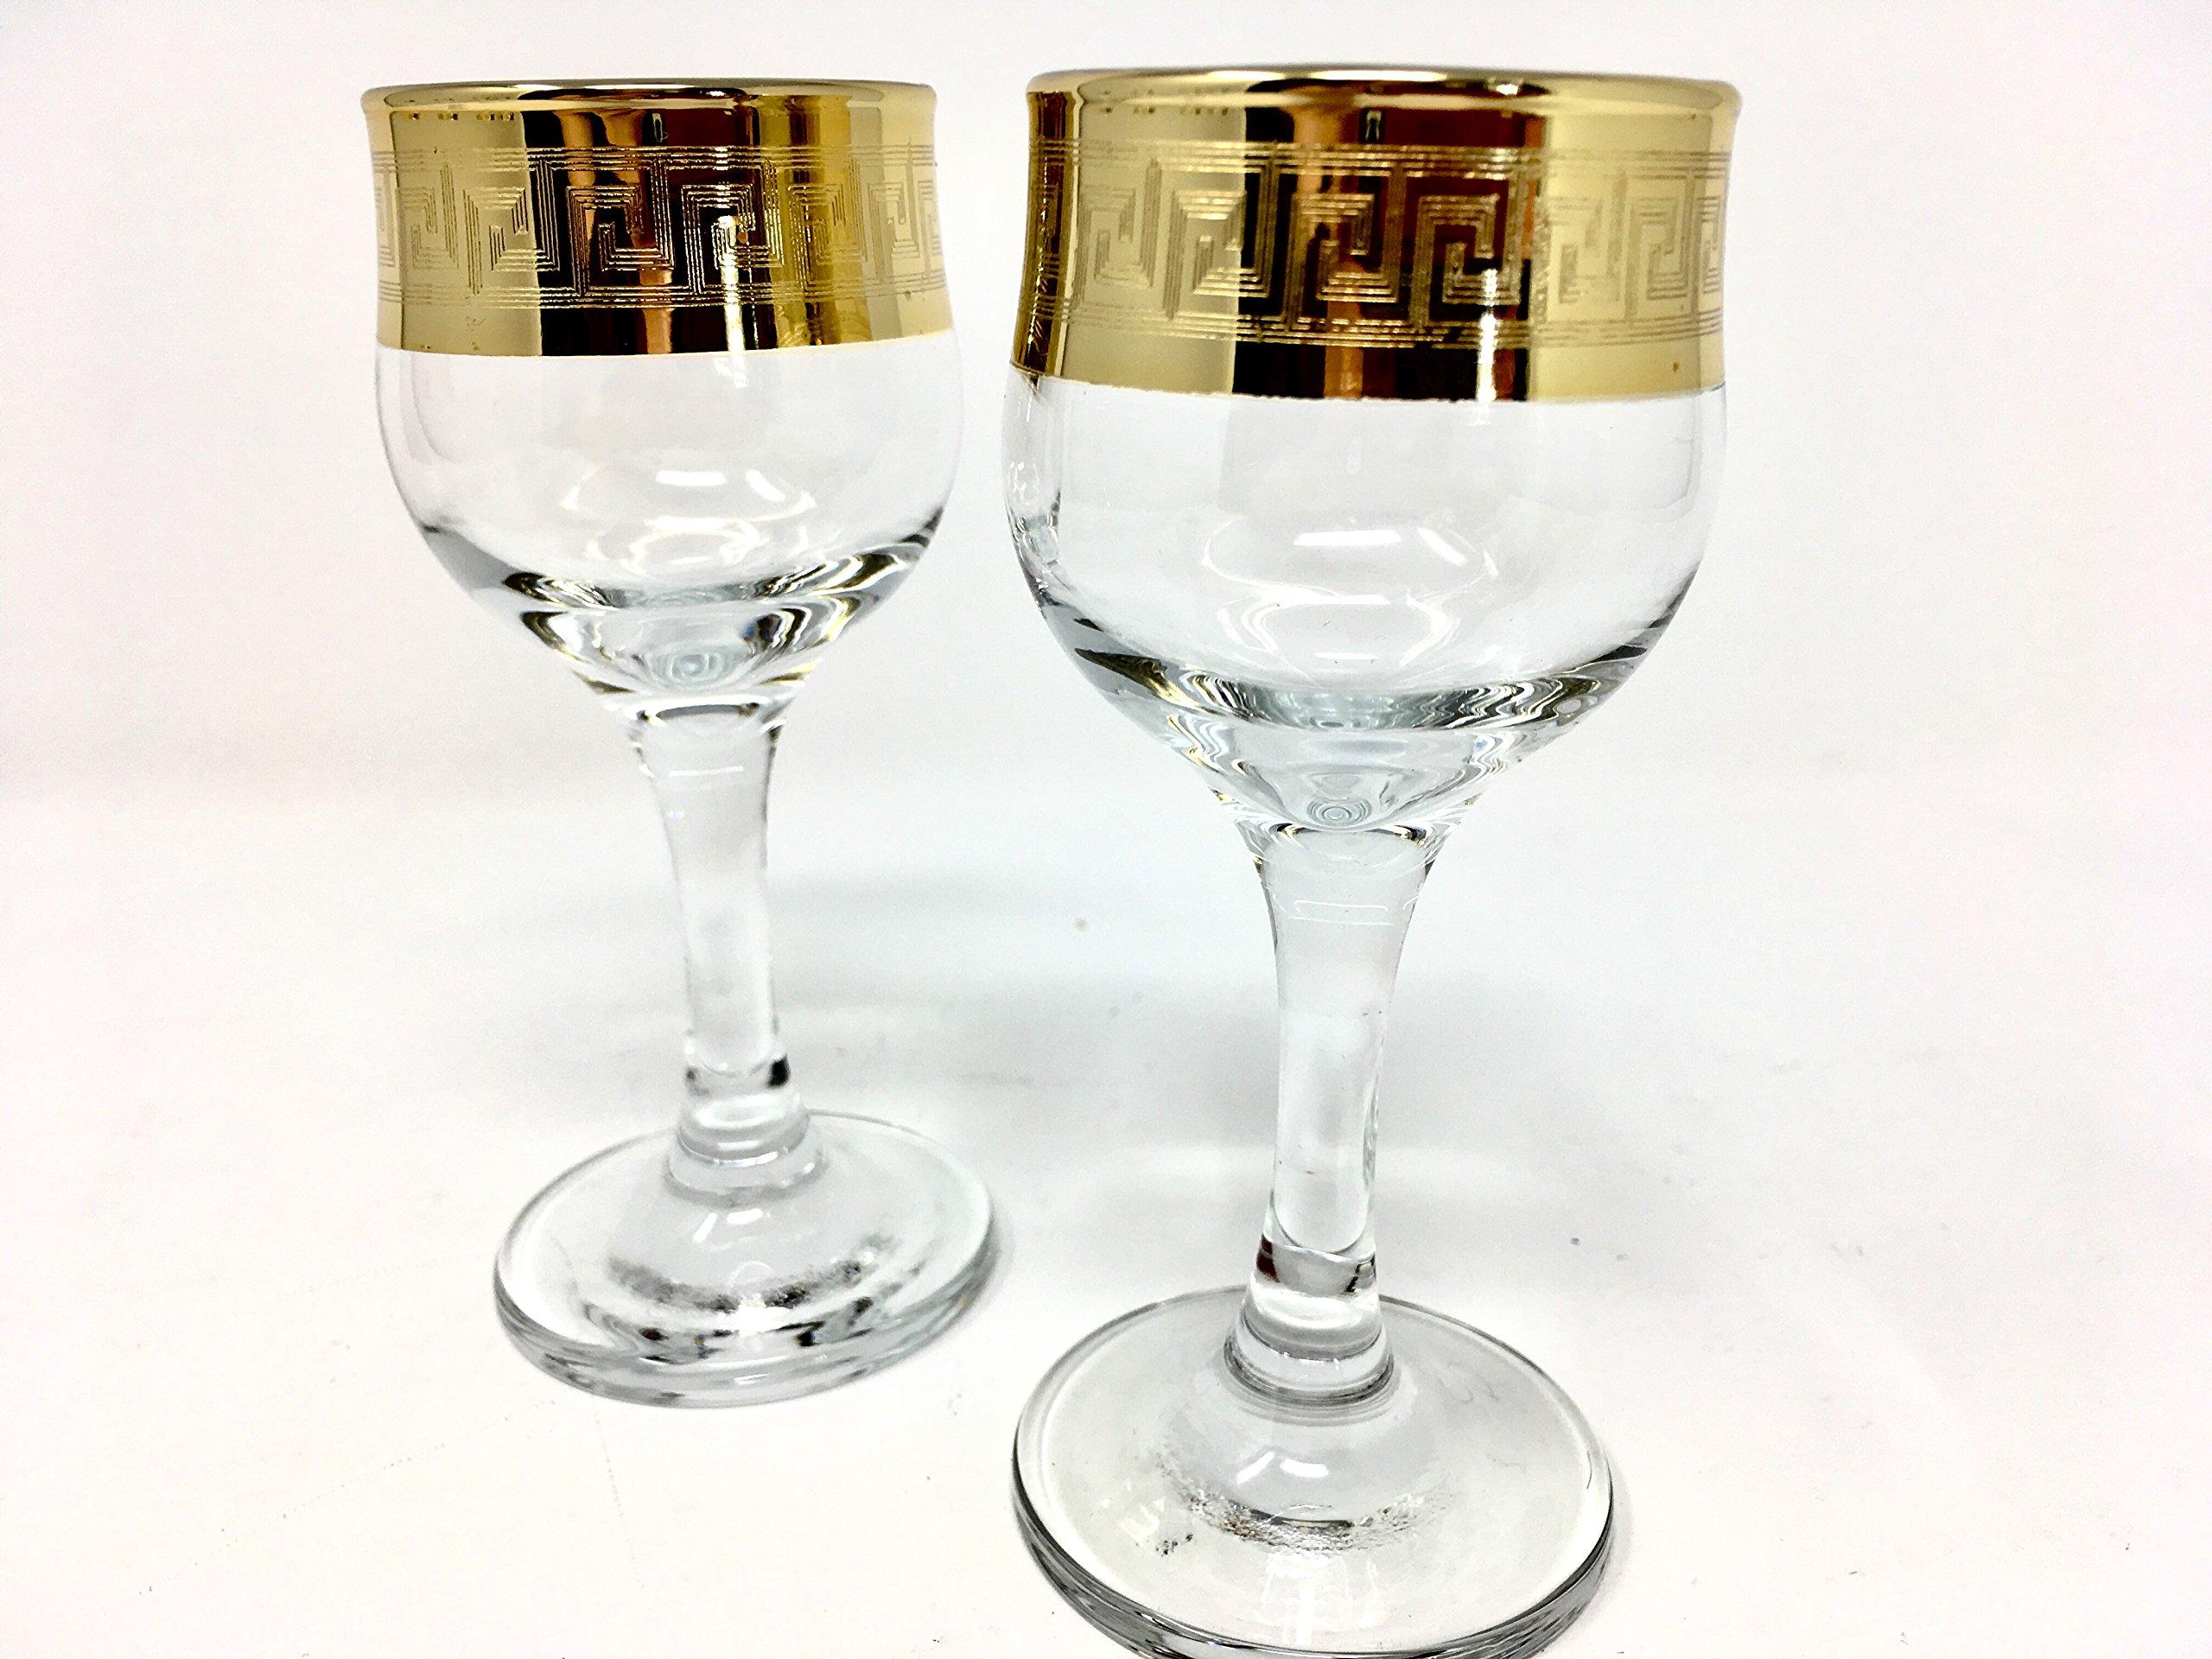 CRYSTAL GLASS SHOT GLASSES 2oz./60ml. GOLD PLATED SET OF 6 CORDIAL VODKA LIQUEUR WHISKEY GLASSES ENGRAVED VINTAGE GREEK…